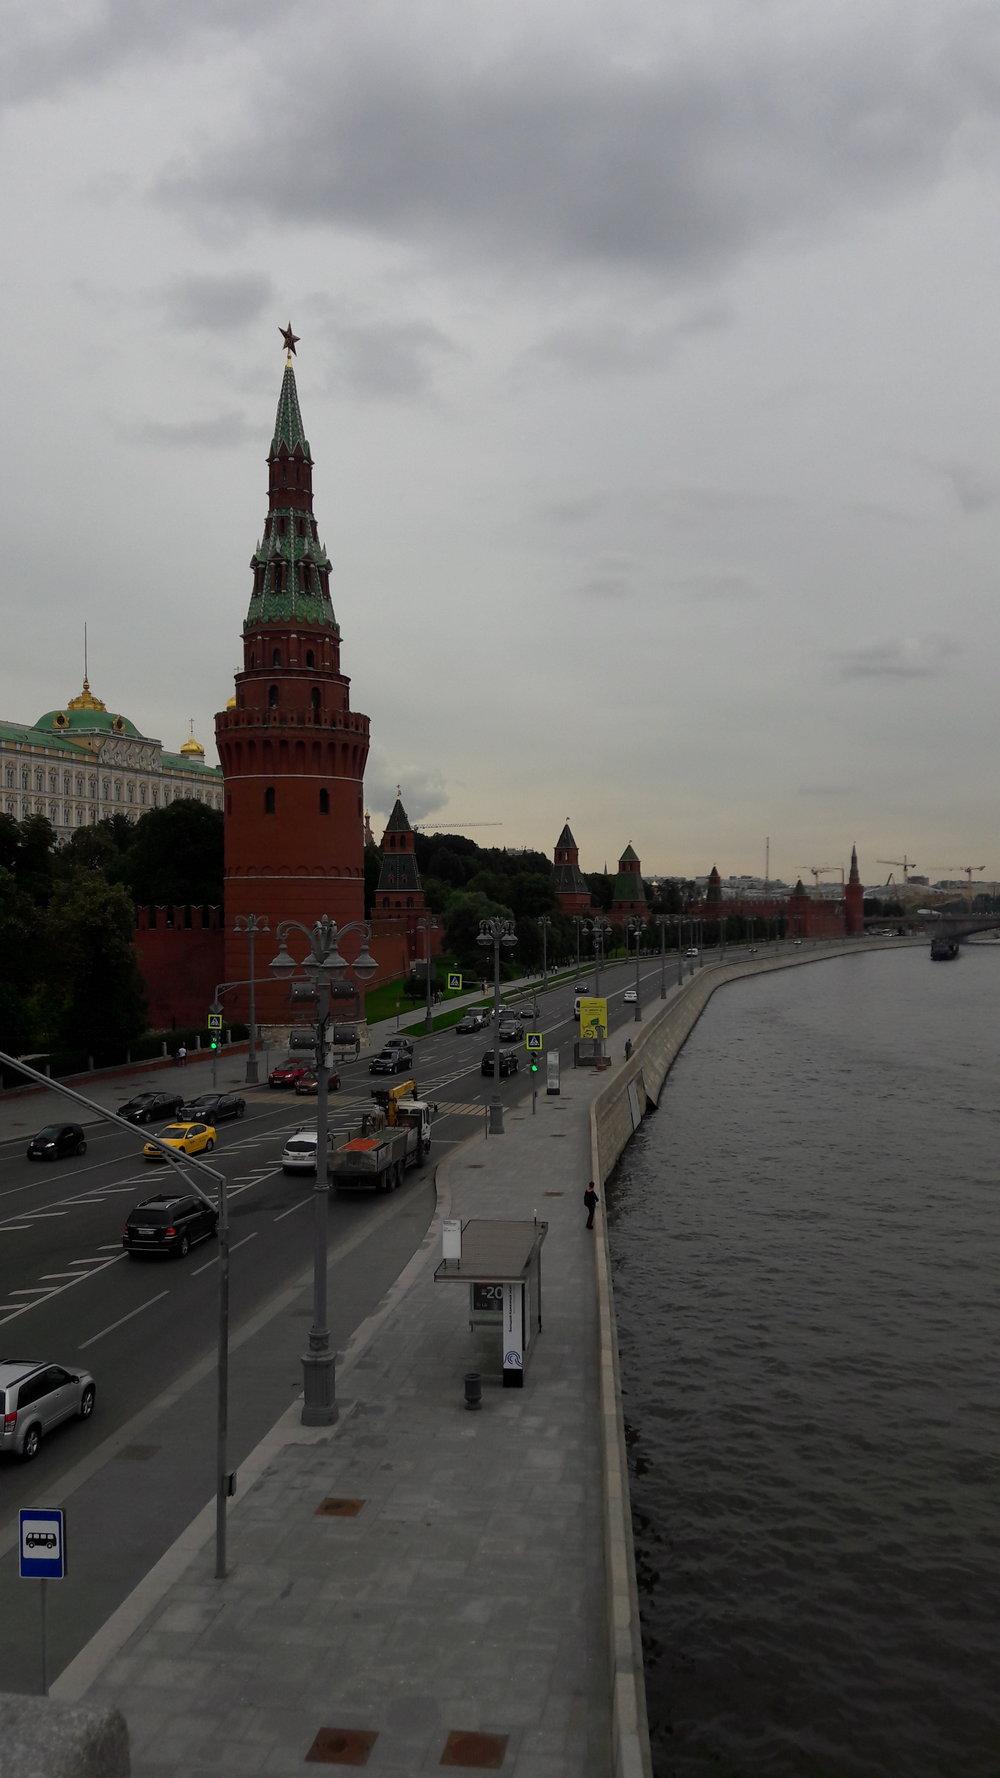 Příznivci trolejbusůse obrátili s prosbou o zastavení rušení trolejbusů i na nejmocnějšího muže Ruska. Tomu však pod Kremlem dráty v nedávné době zmizely, takže trolejbusy zřejměspasit nemíní.